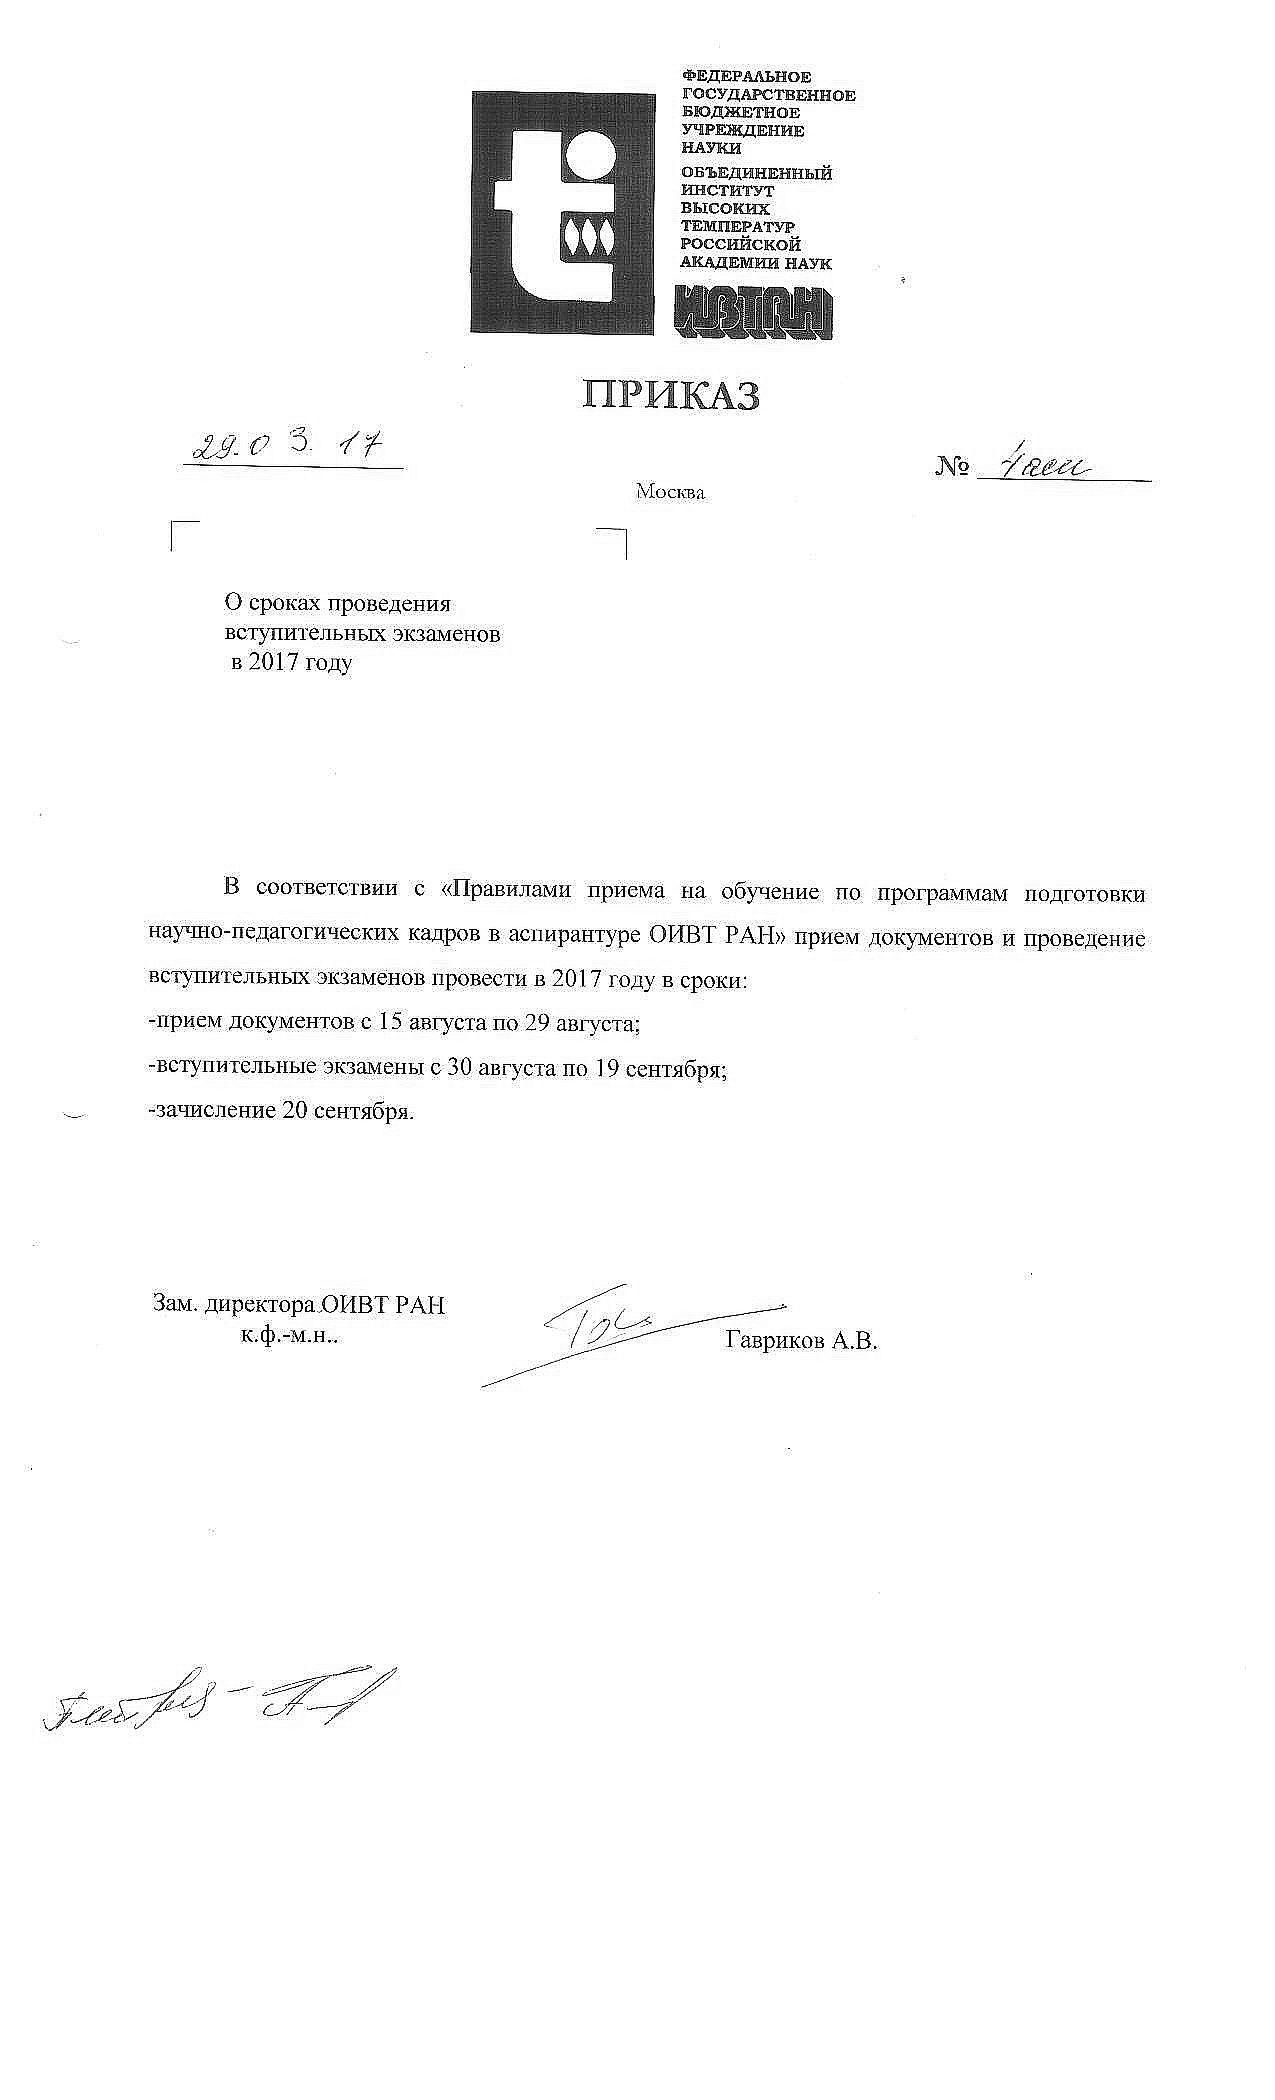 бланк договора при поступлении в институт